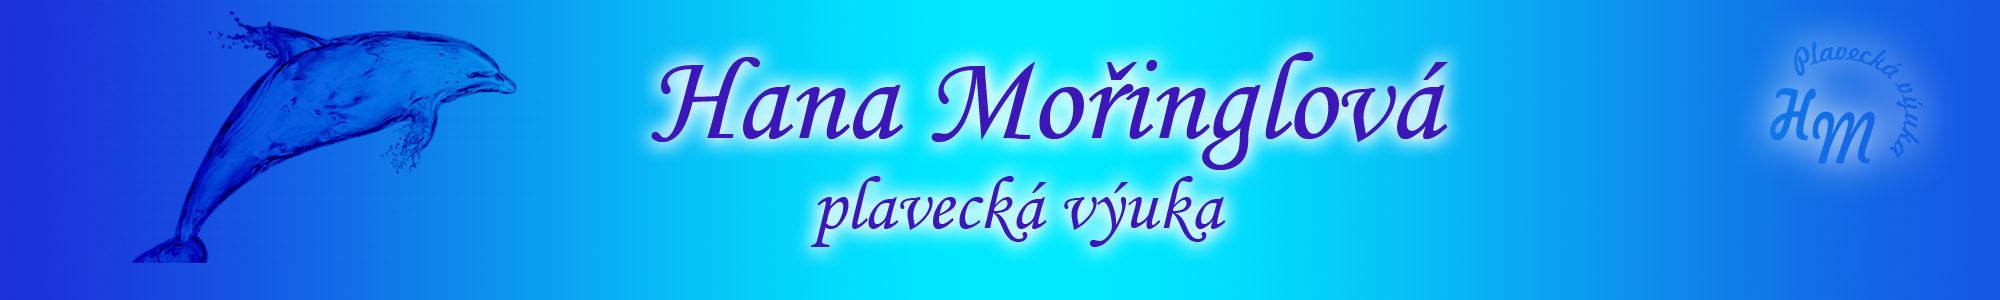 HANA MOŘINGLOVÁ